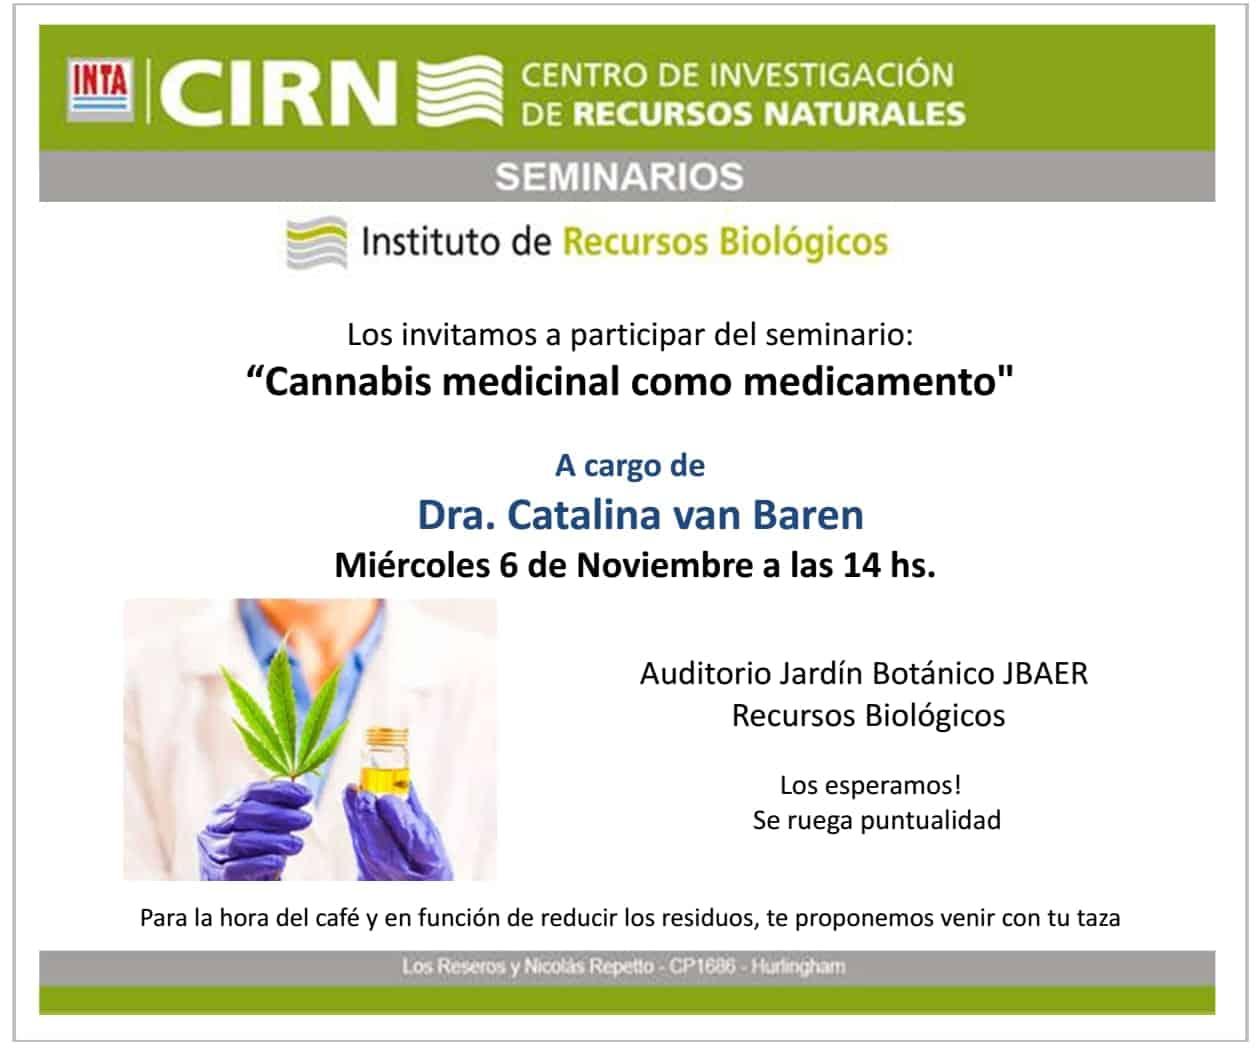 Abierto al público: Taller sobre el cannabis medicinal en el INTA 3